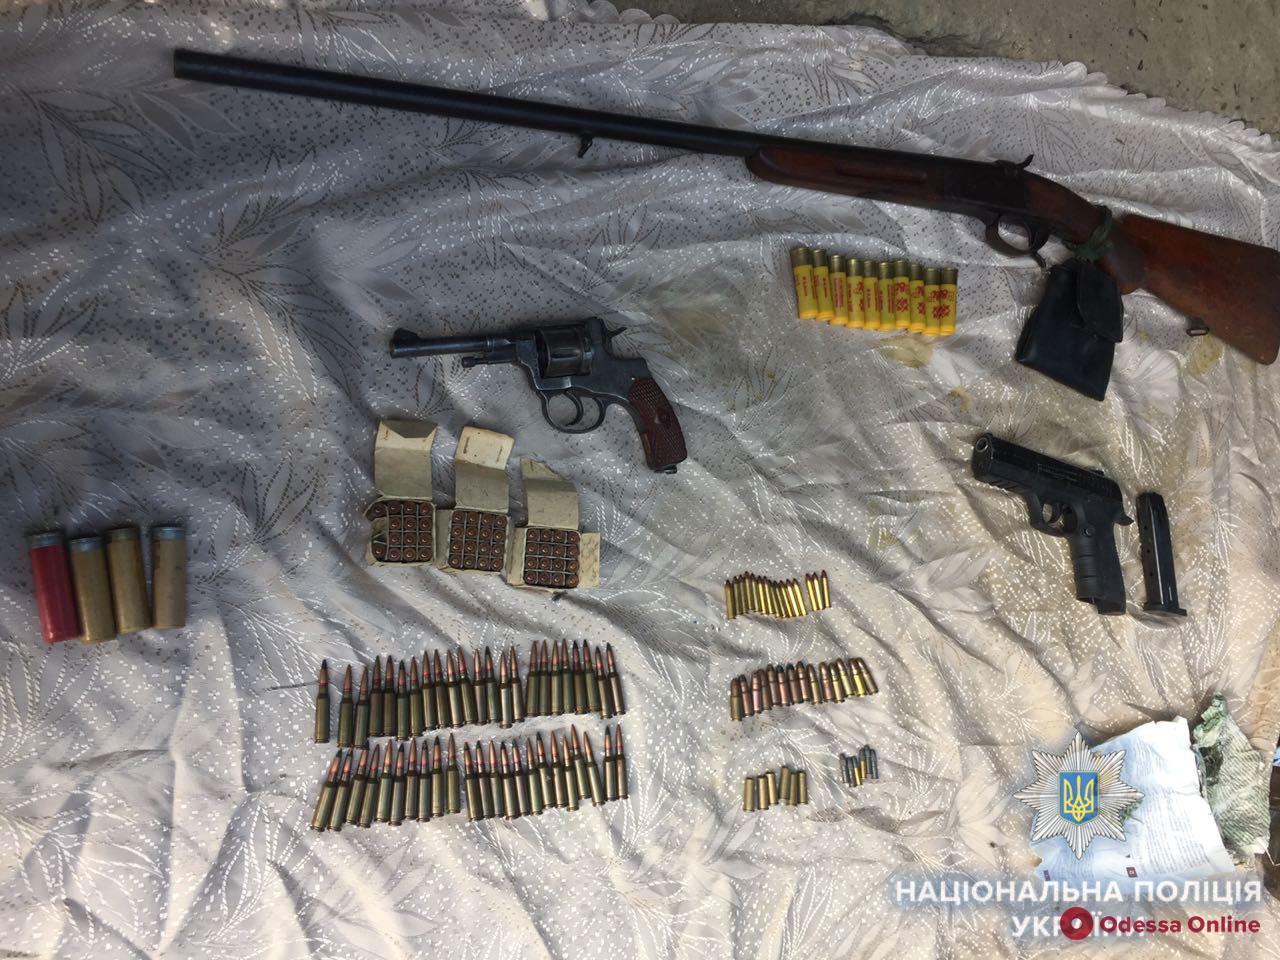 У жителя Одесской области нашли арсенал оружия и наркотики